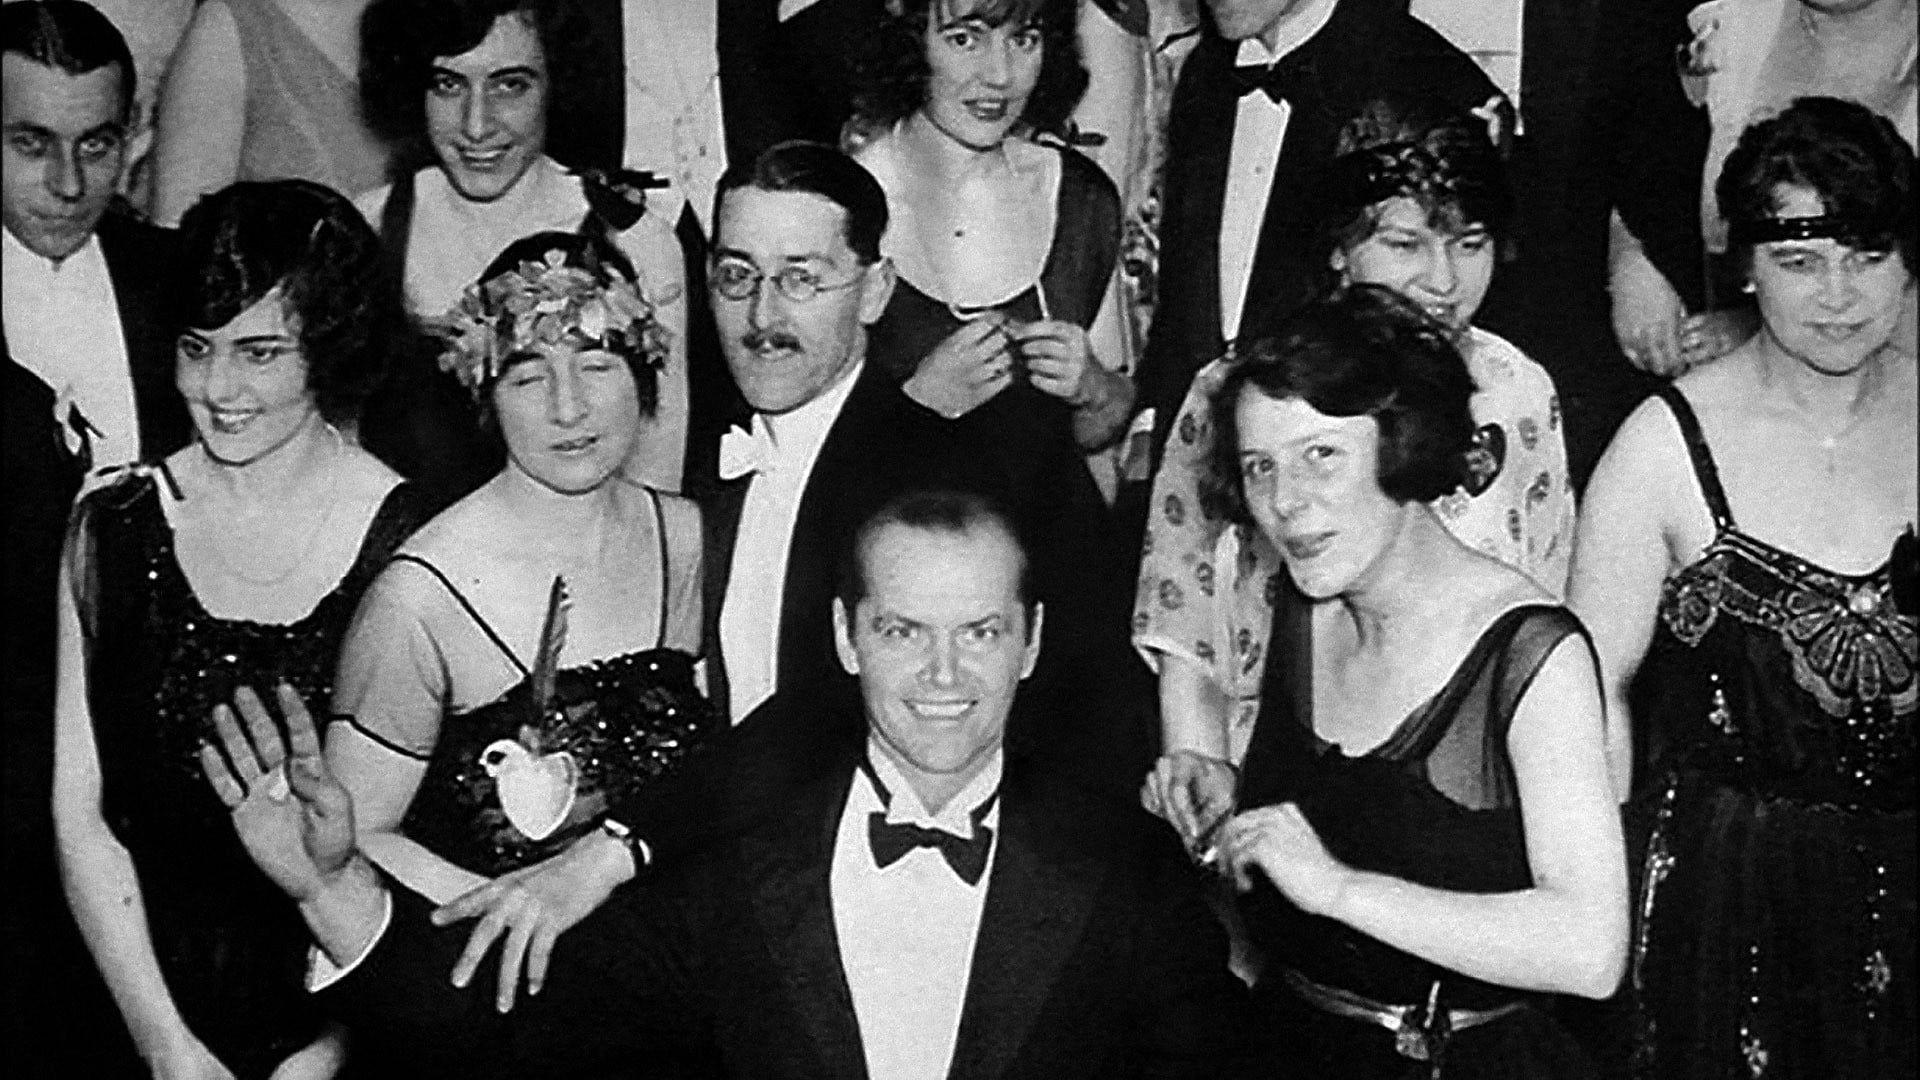 Ragyogas 1980 Online Teljes Film Filmek Magyarul Letoltes Hd Kubrick Hatborzongatoan Izgalmas Remekmuveben Amelyet A Newsweek Kri Ghost Film The Shining Film